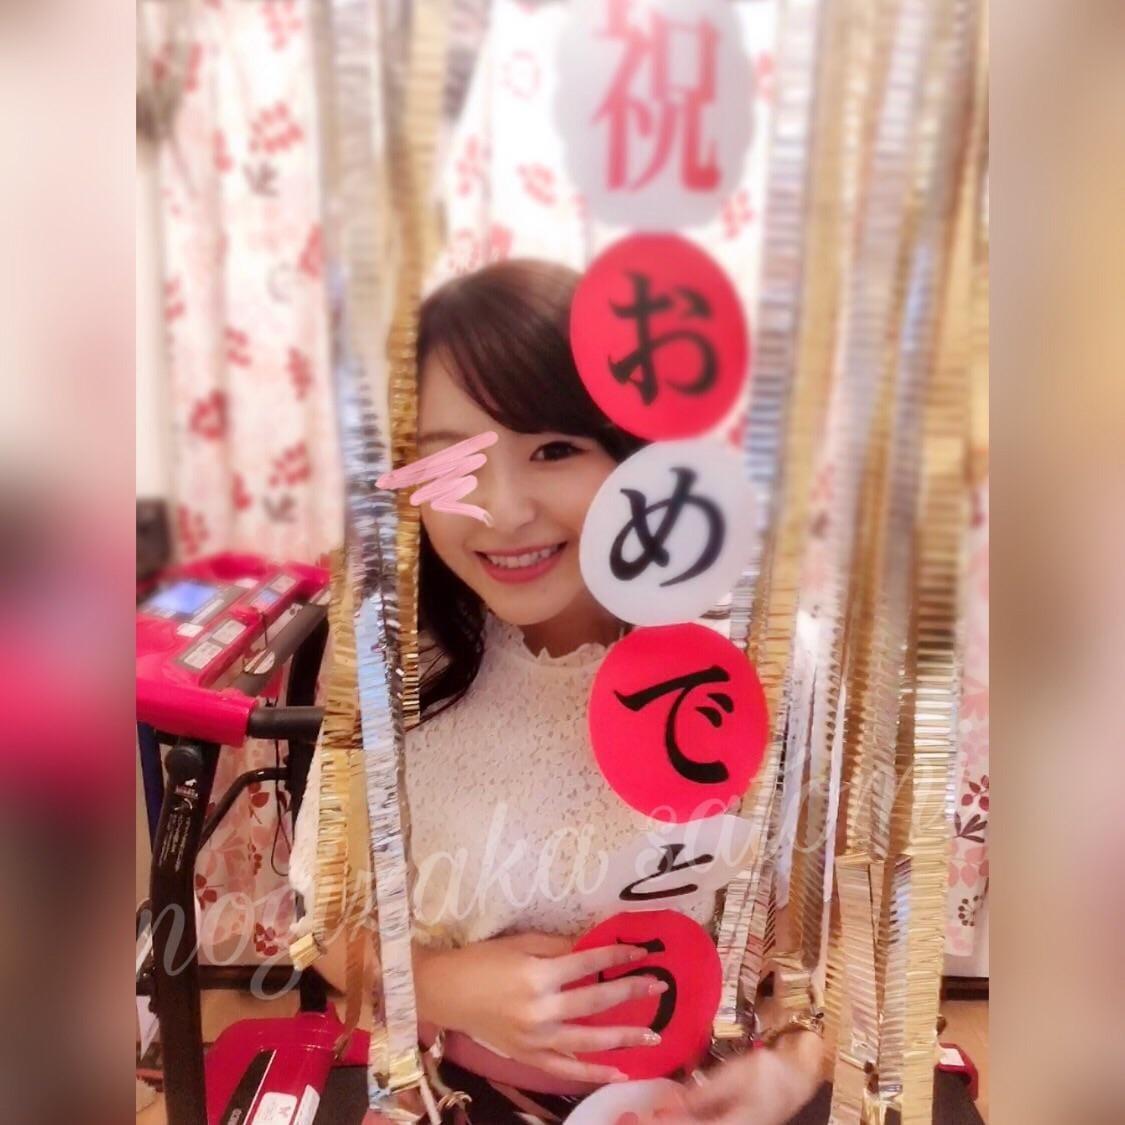 「くす玉からお祝いの文字が」08/19(日) 23:09   乃木坂さとみの写メ・風俗動画